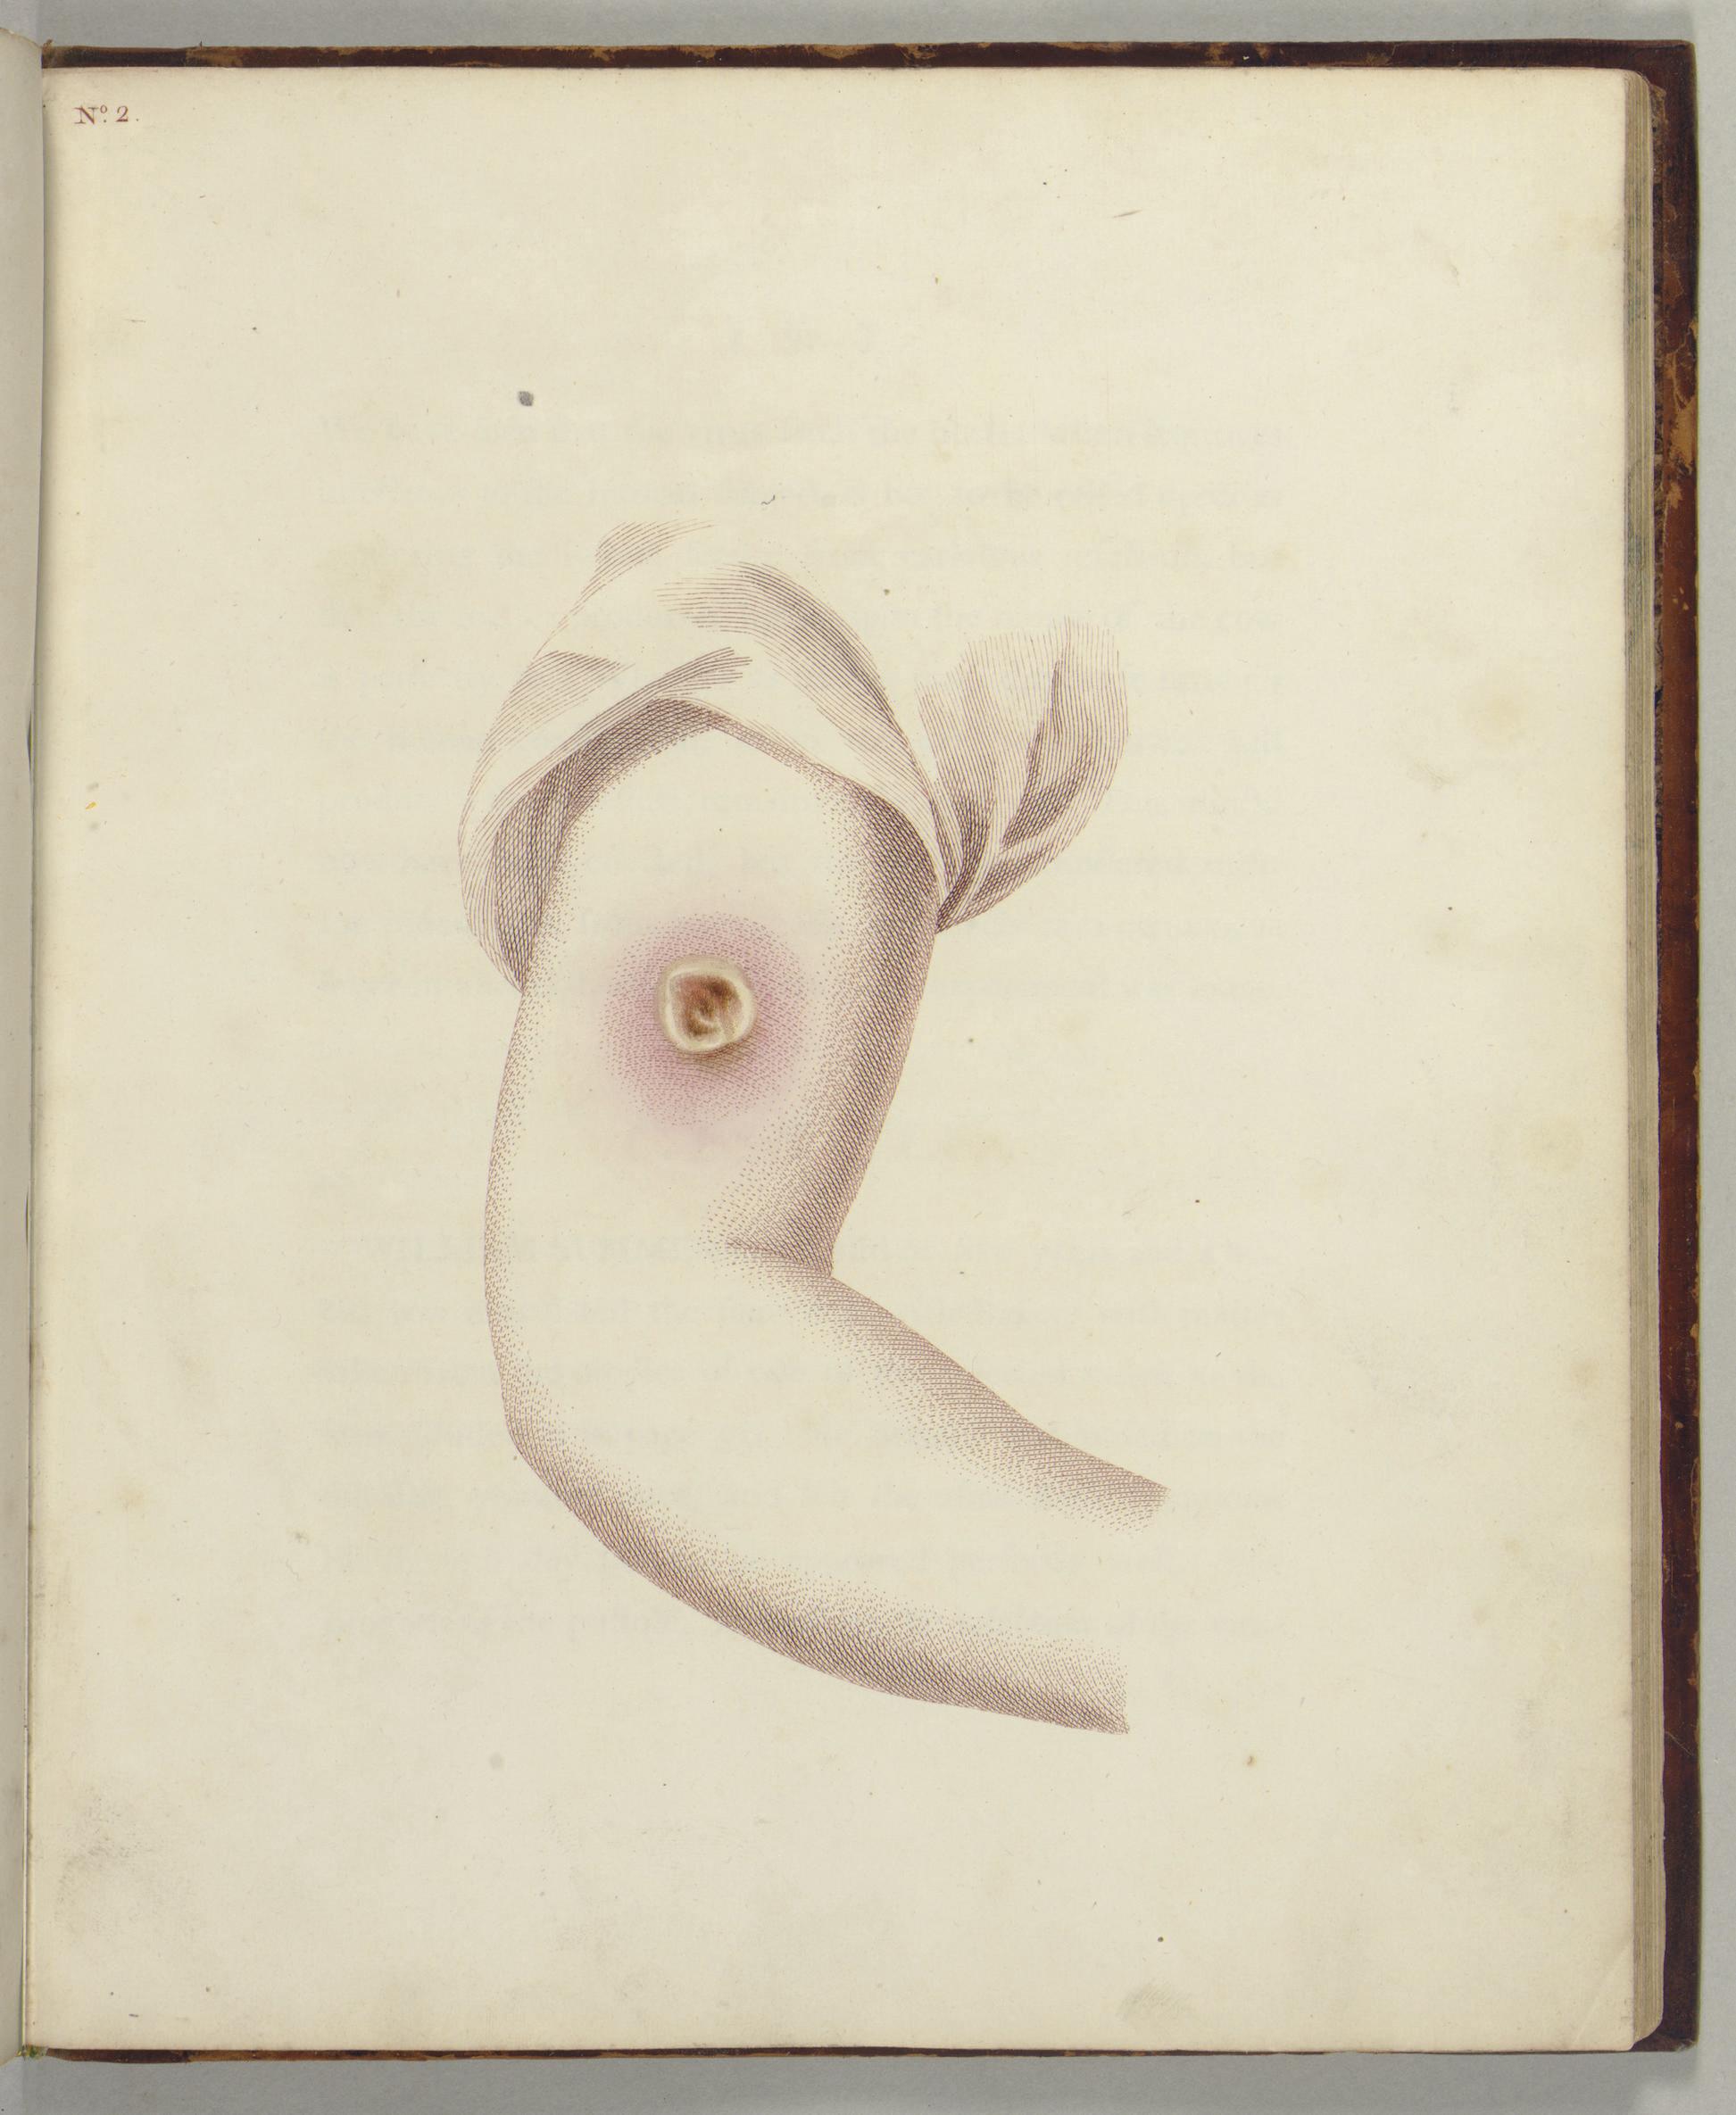 JENNER, Edward (1749-1823). An